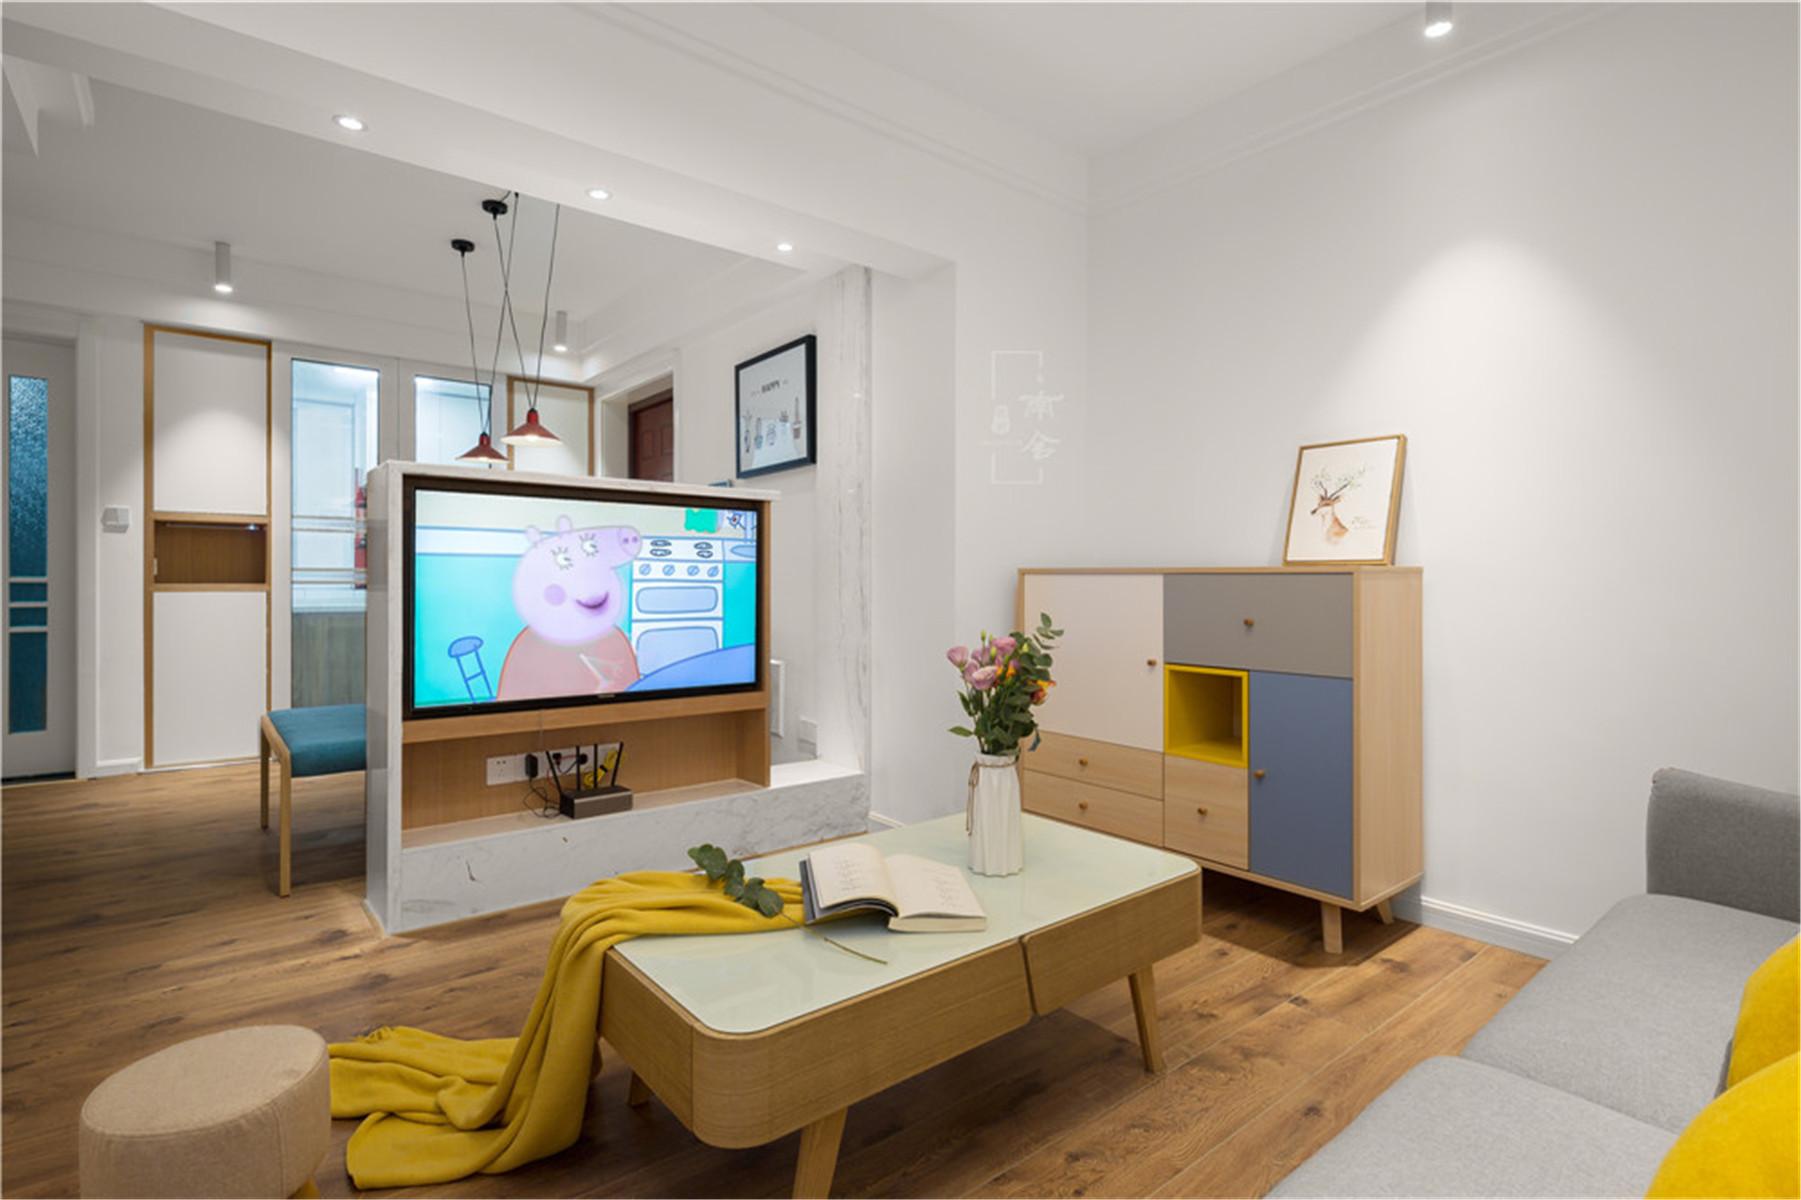 95㎡北欧风格家电视墙设计